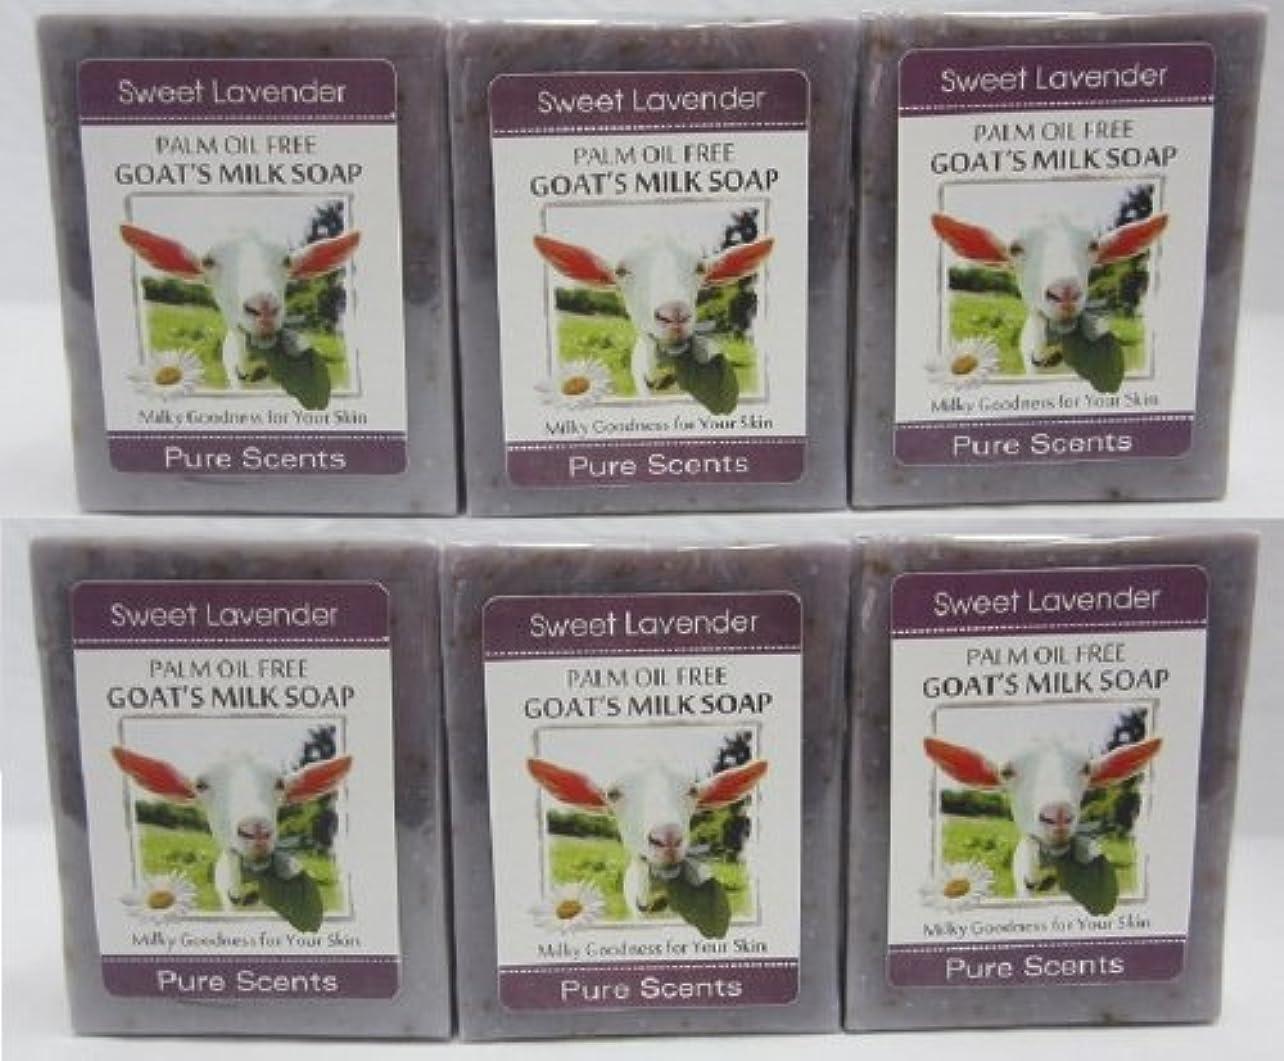 たっぷり減らすメロディー【Pure Scents】Goat's Milk Soap ヤギのミルクせっけん 6個セット Sweet Lavender スイートラベンダー